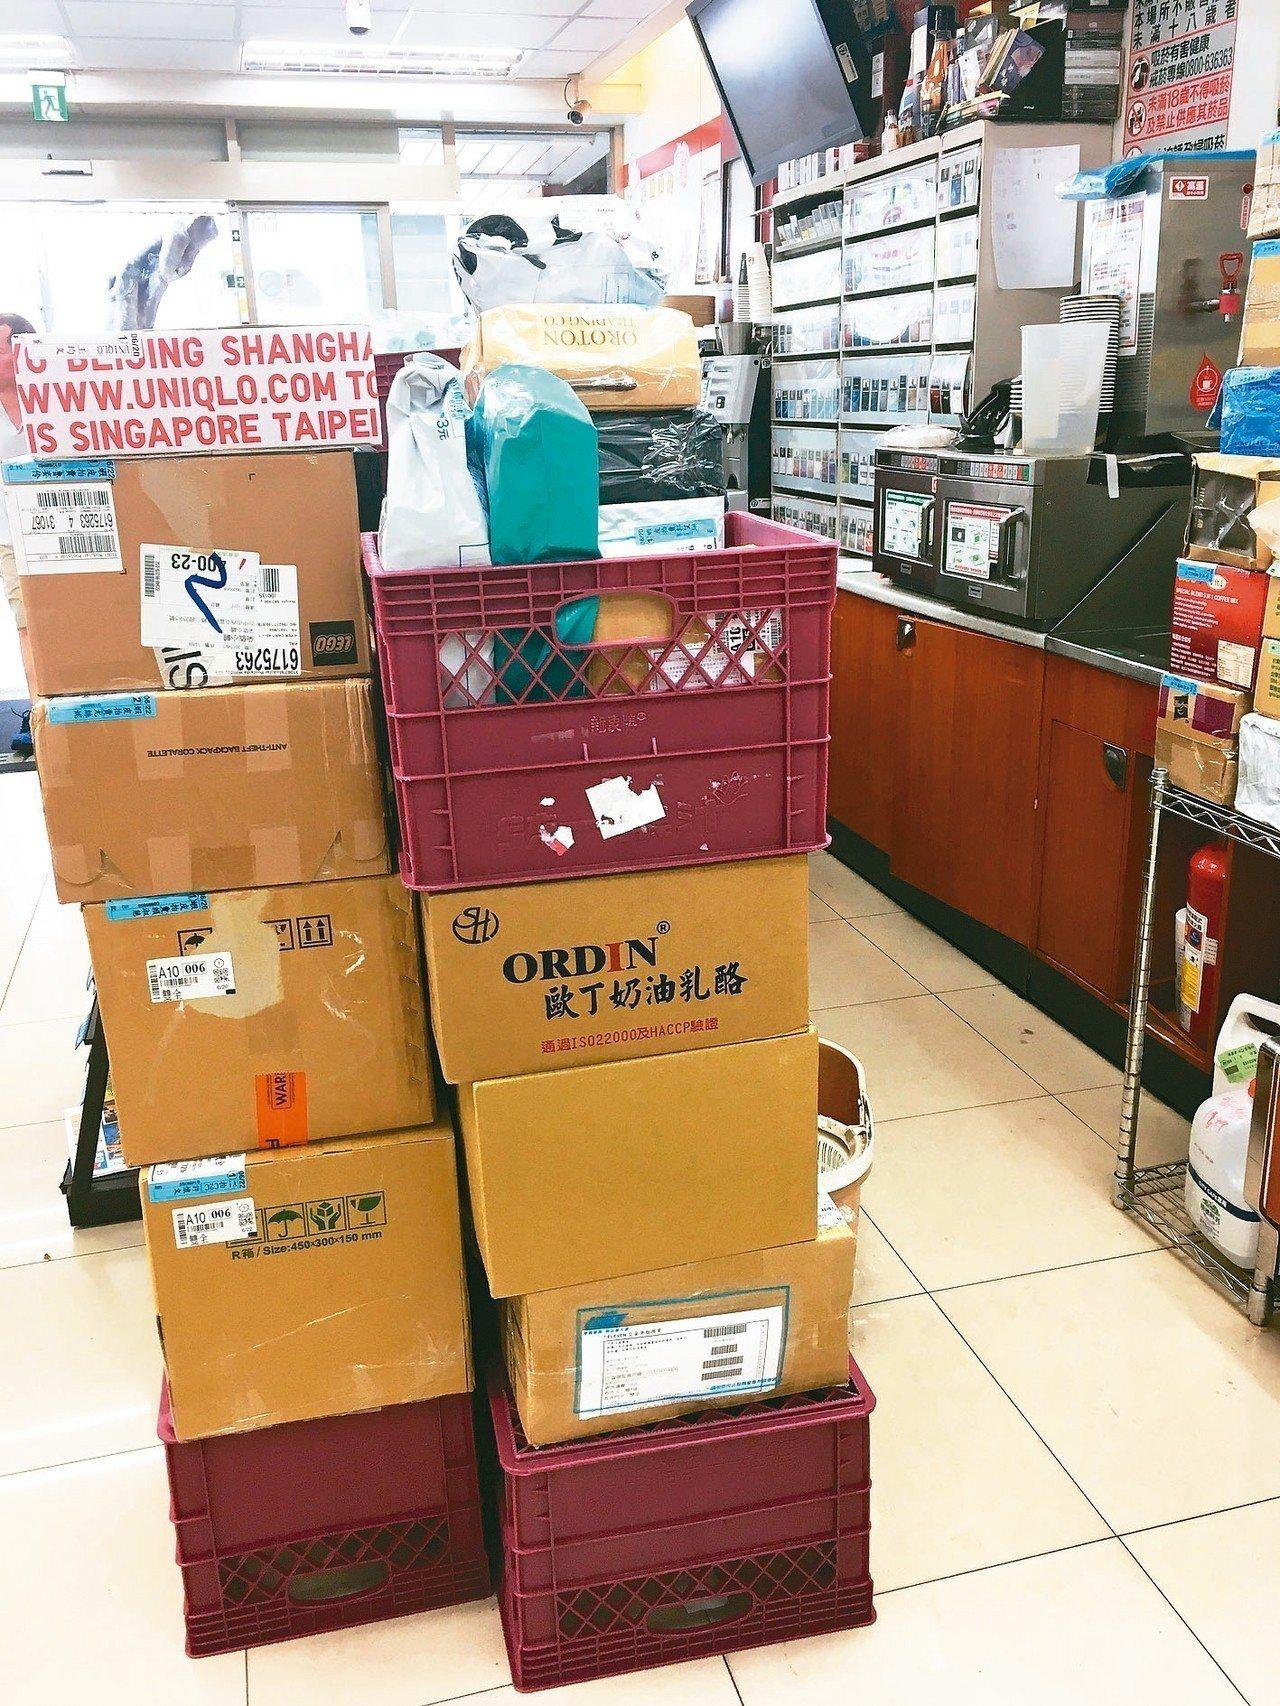 超商電商包裹難分類排序,民眾取貨可能很耗時。 記者雷光涵/攝影